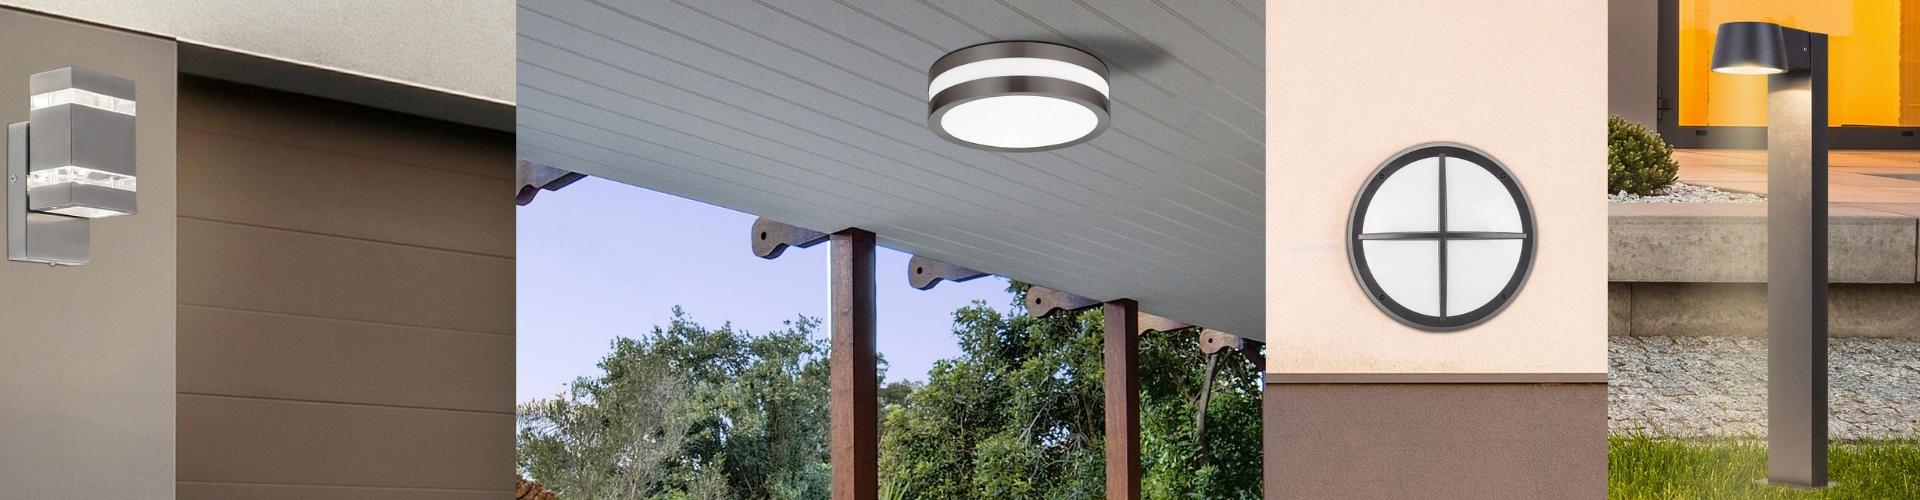 Osvětlení se zabudovaným senzorem